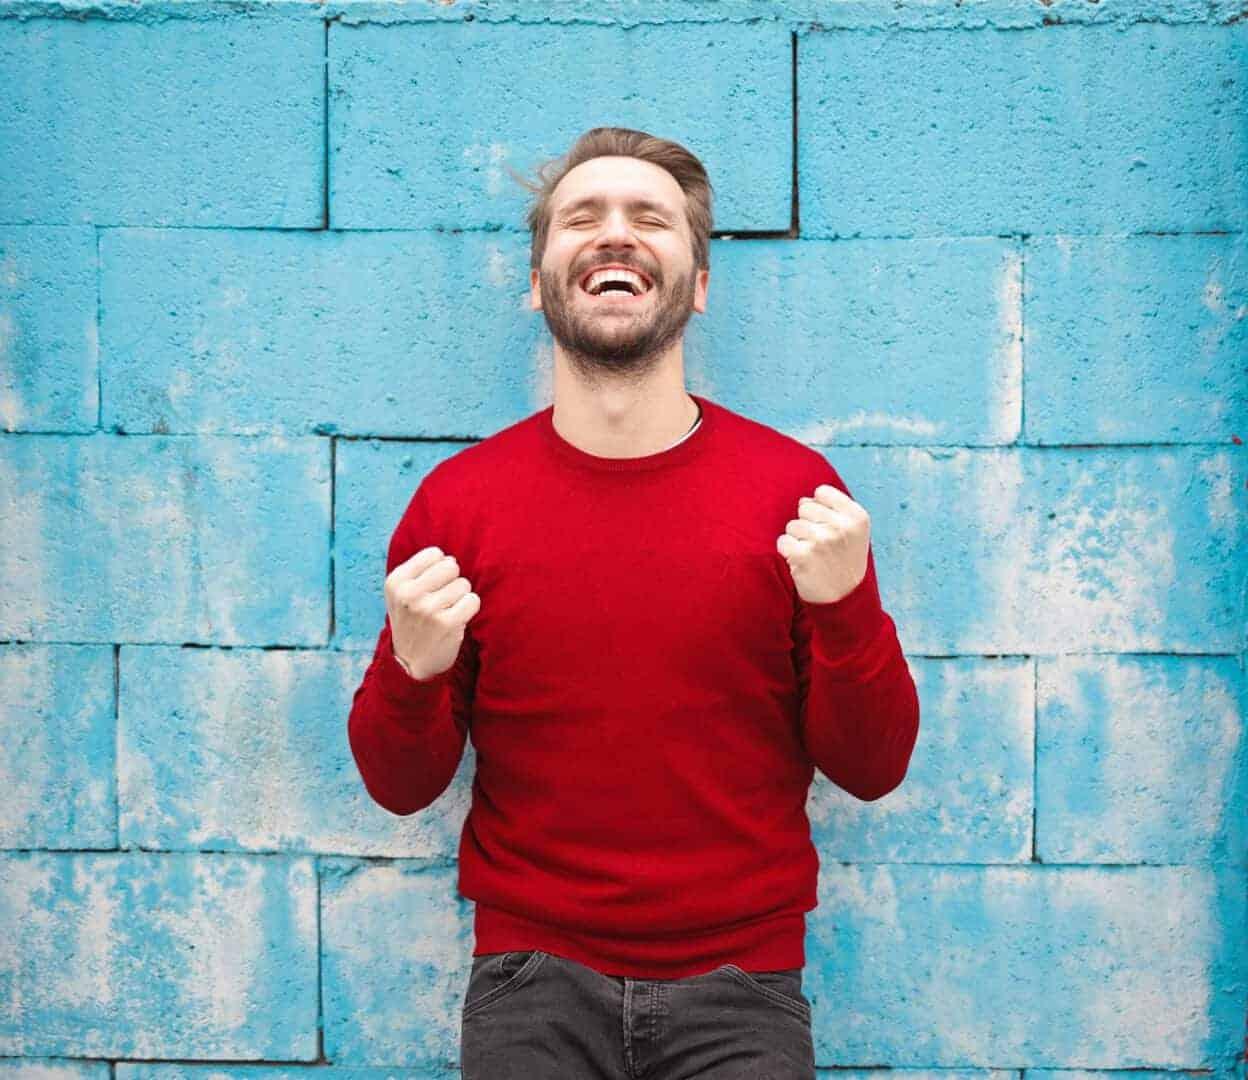 homem comemorando sinais entrevista de emprego sucesso 1024x886 - 6 sinais de que sua entrevista de emprego pode ter sido um sucesso